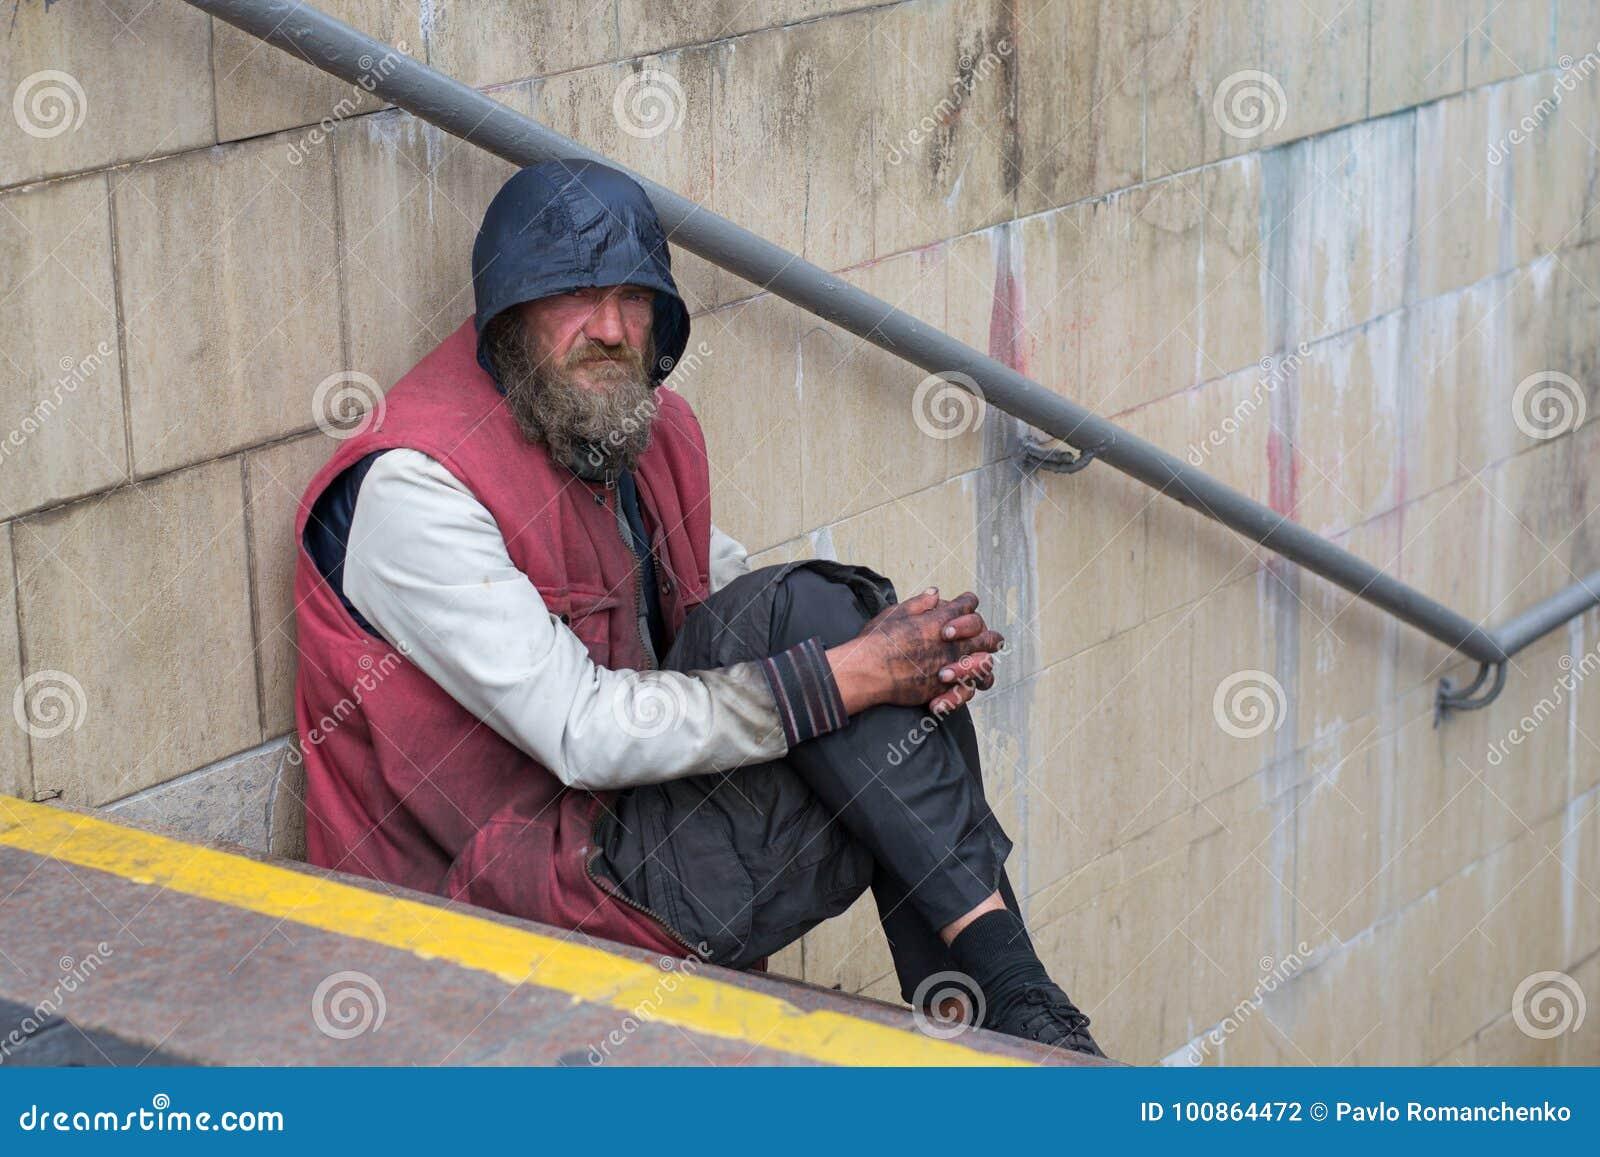 UKRAINA, KIEV-SEPTEMBER 24,2017: Bezdomny w metra skrzyżowaniu Problem ludzie bezdomni żyje na ulicach